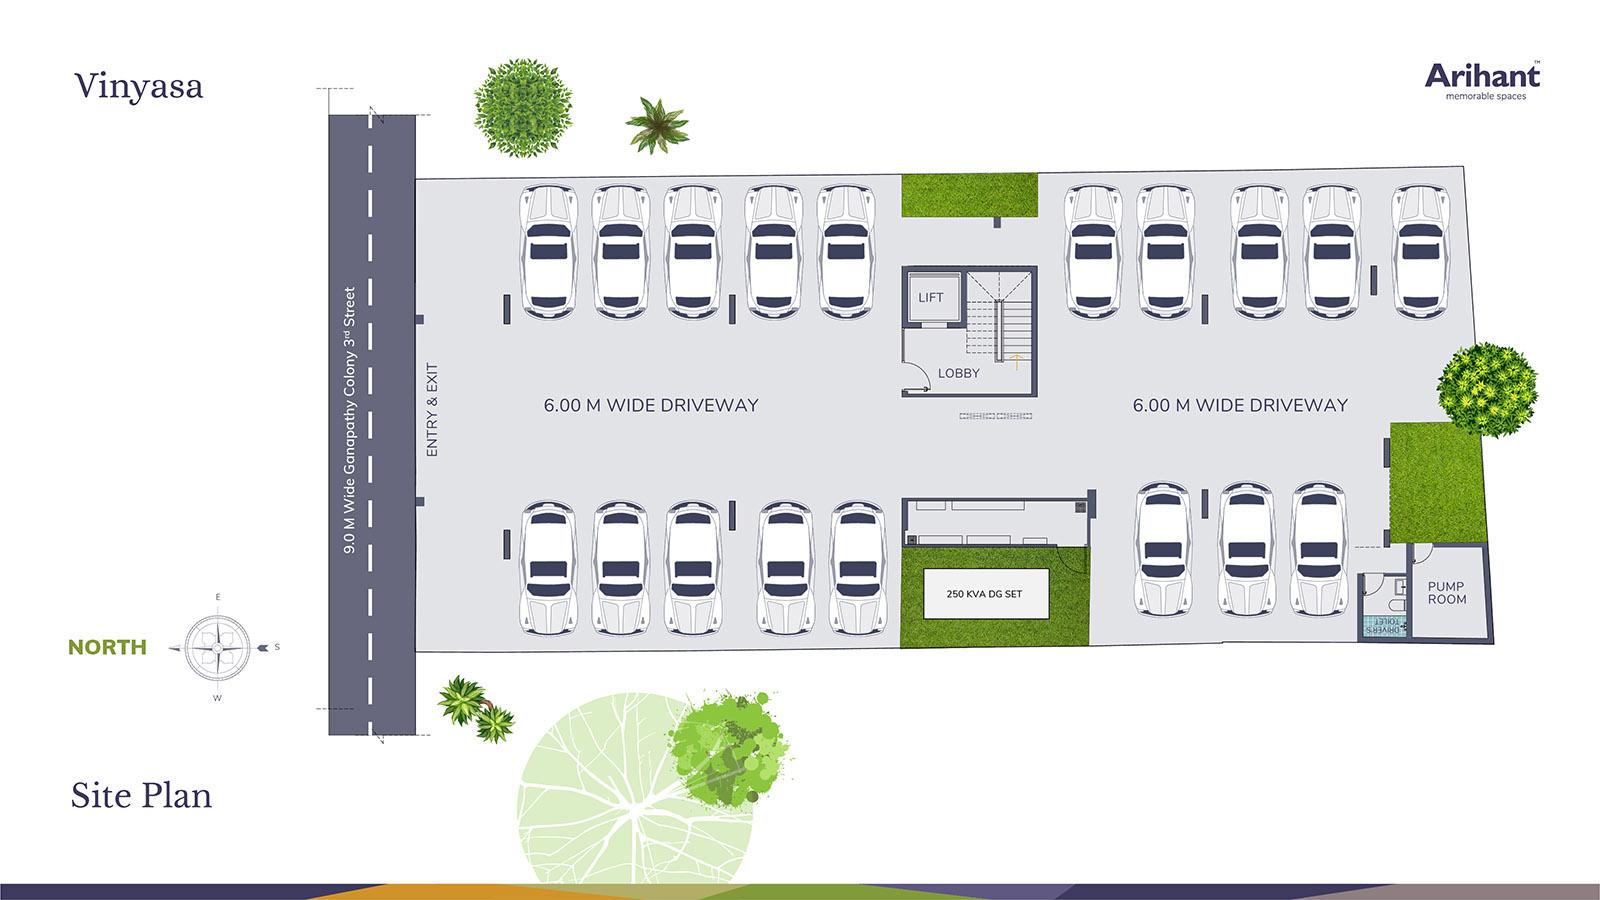 Arihant Vinyasa Site Plan